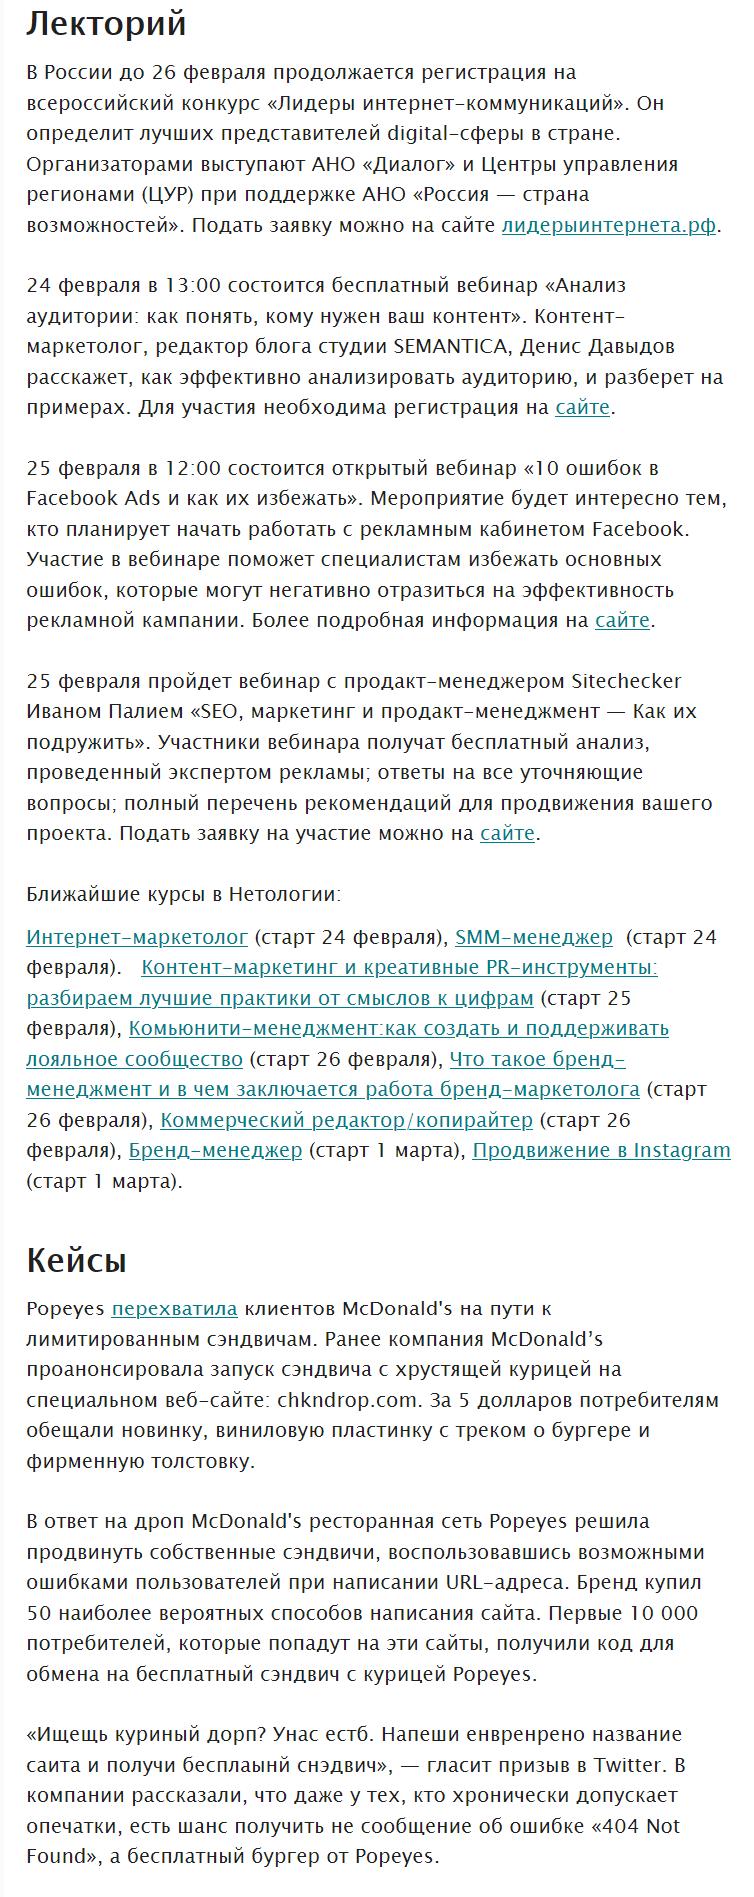 Часть письма PR Bee на тарифе «Профи»